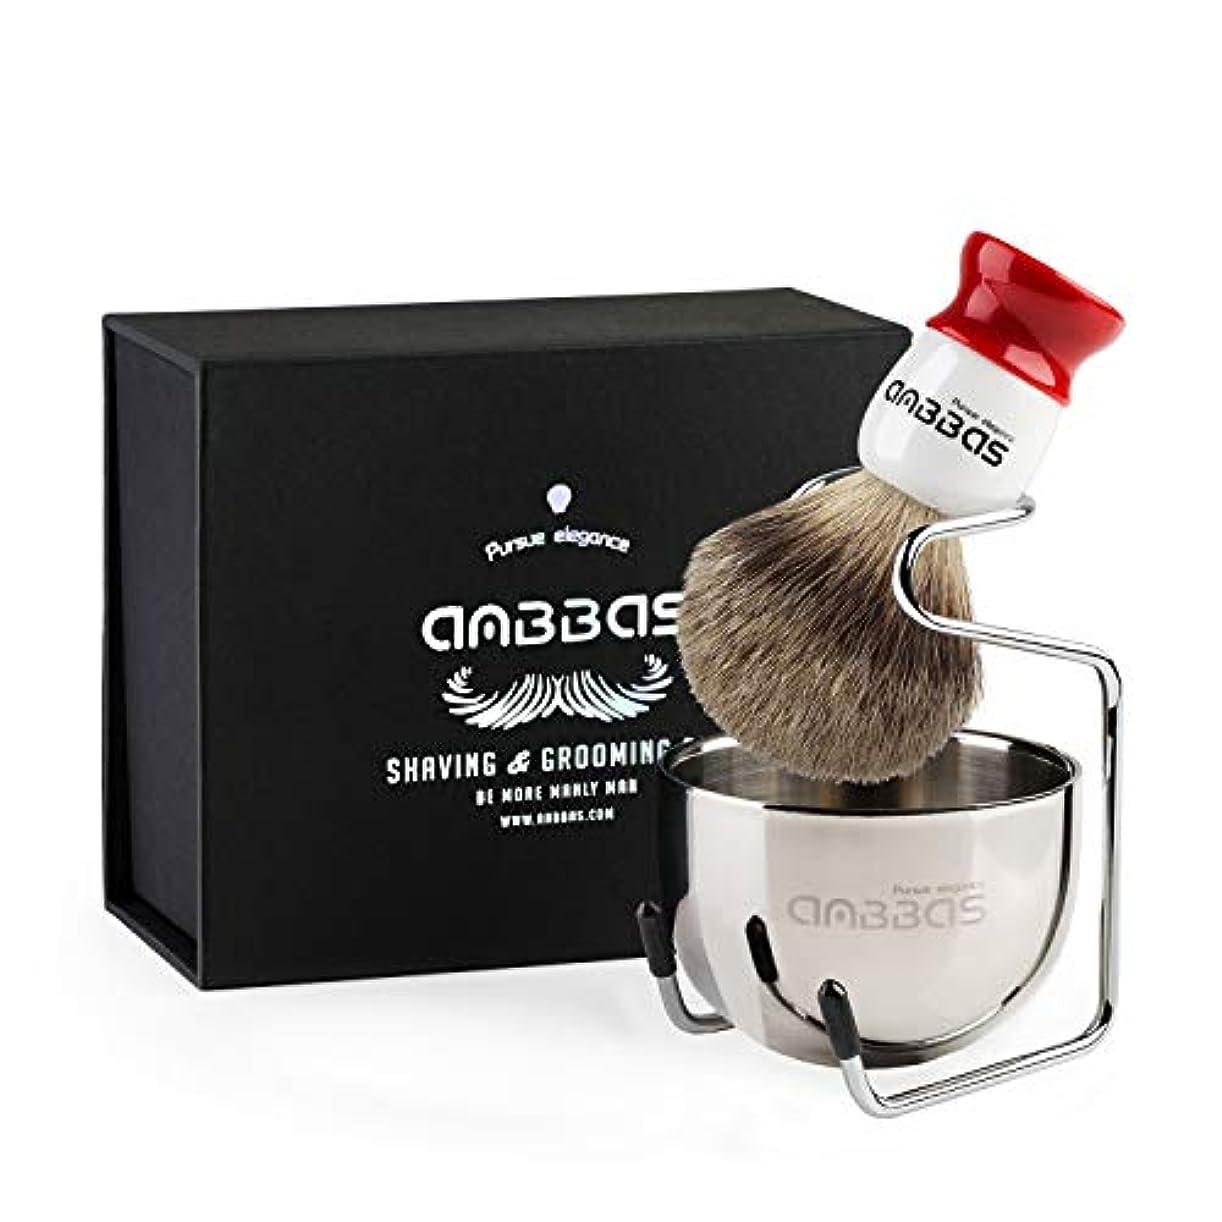 レキシコンキラウエア山宇宙飛行士ひげブラシ Anbbasシェービングブラシ 純粋なバッガーヘア 髭剃り 泡立ち 洗顔ブラシ メンズ (3点セット)